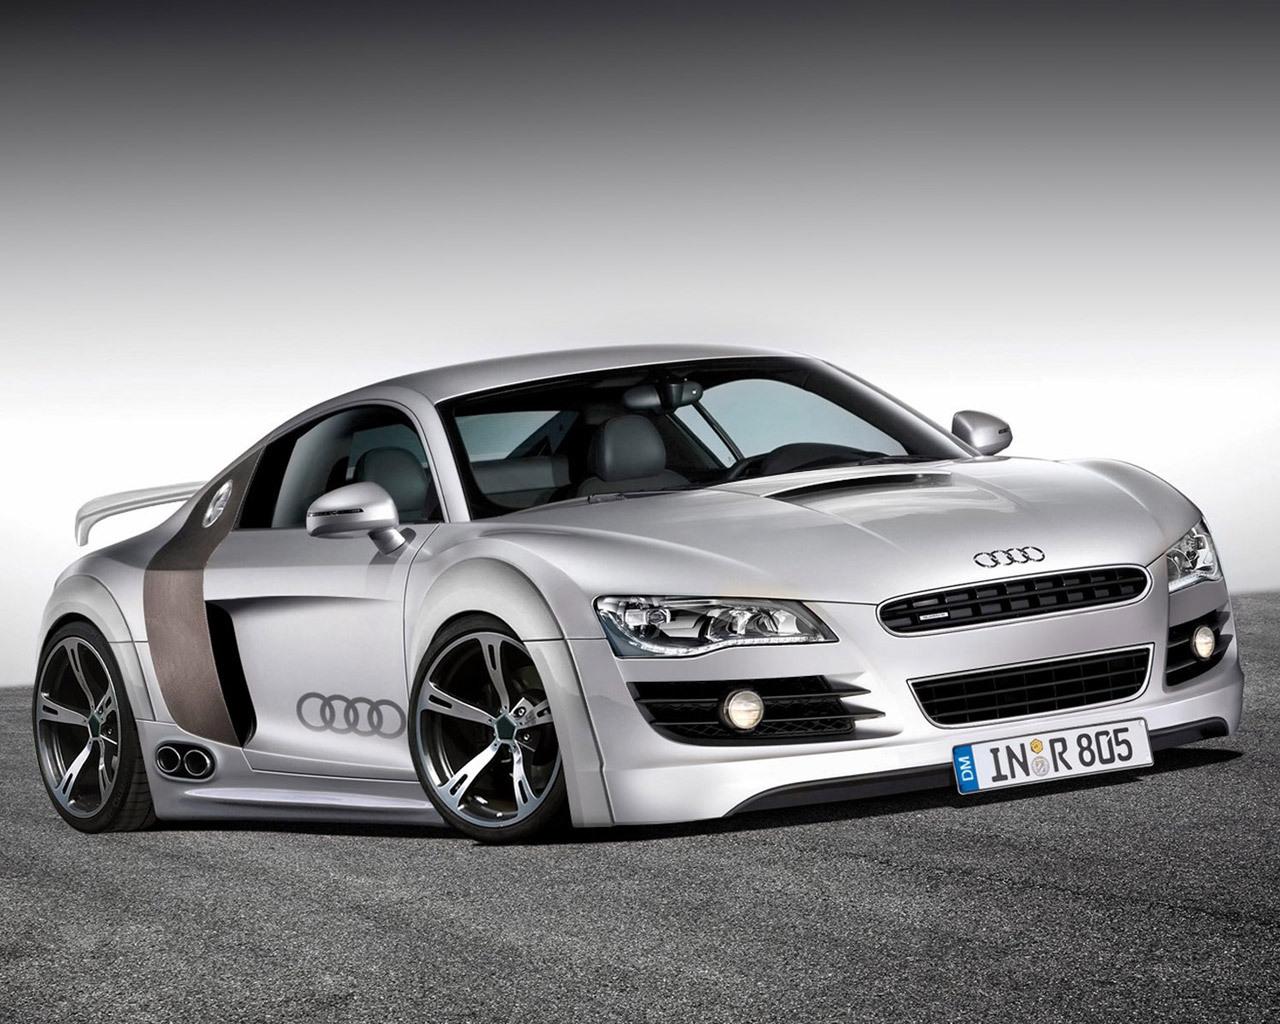 Audi-cars-audi-4294883-1280-1024-1-